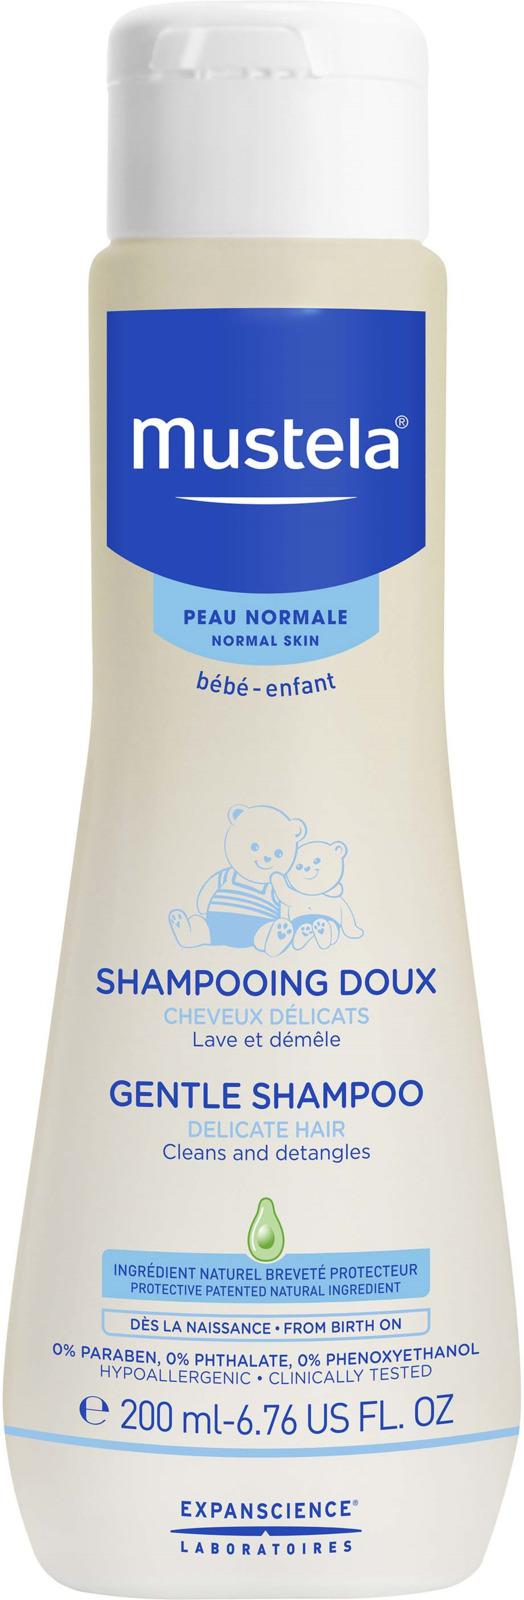 Шампунь детский Mustela мягкий, 200 мл mustela gel lavant doux